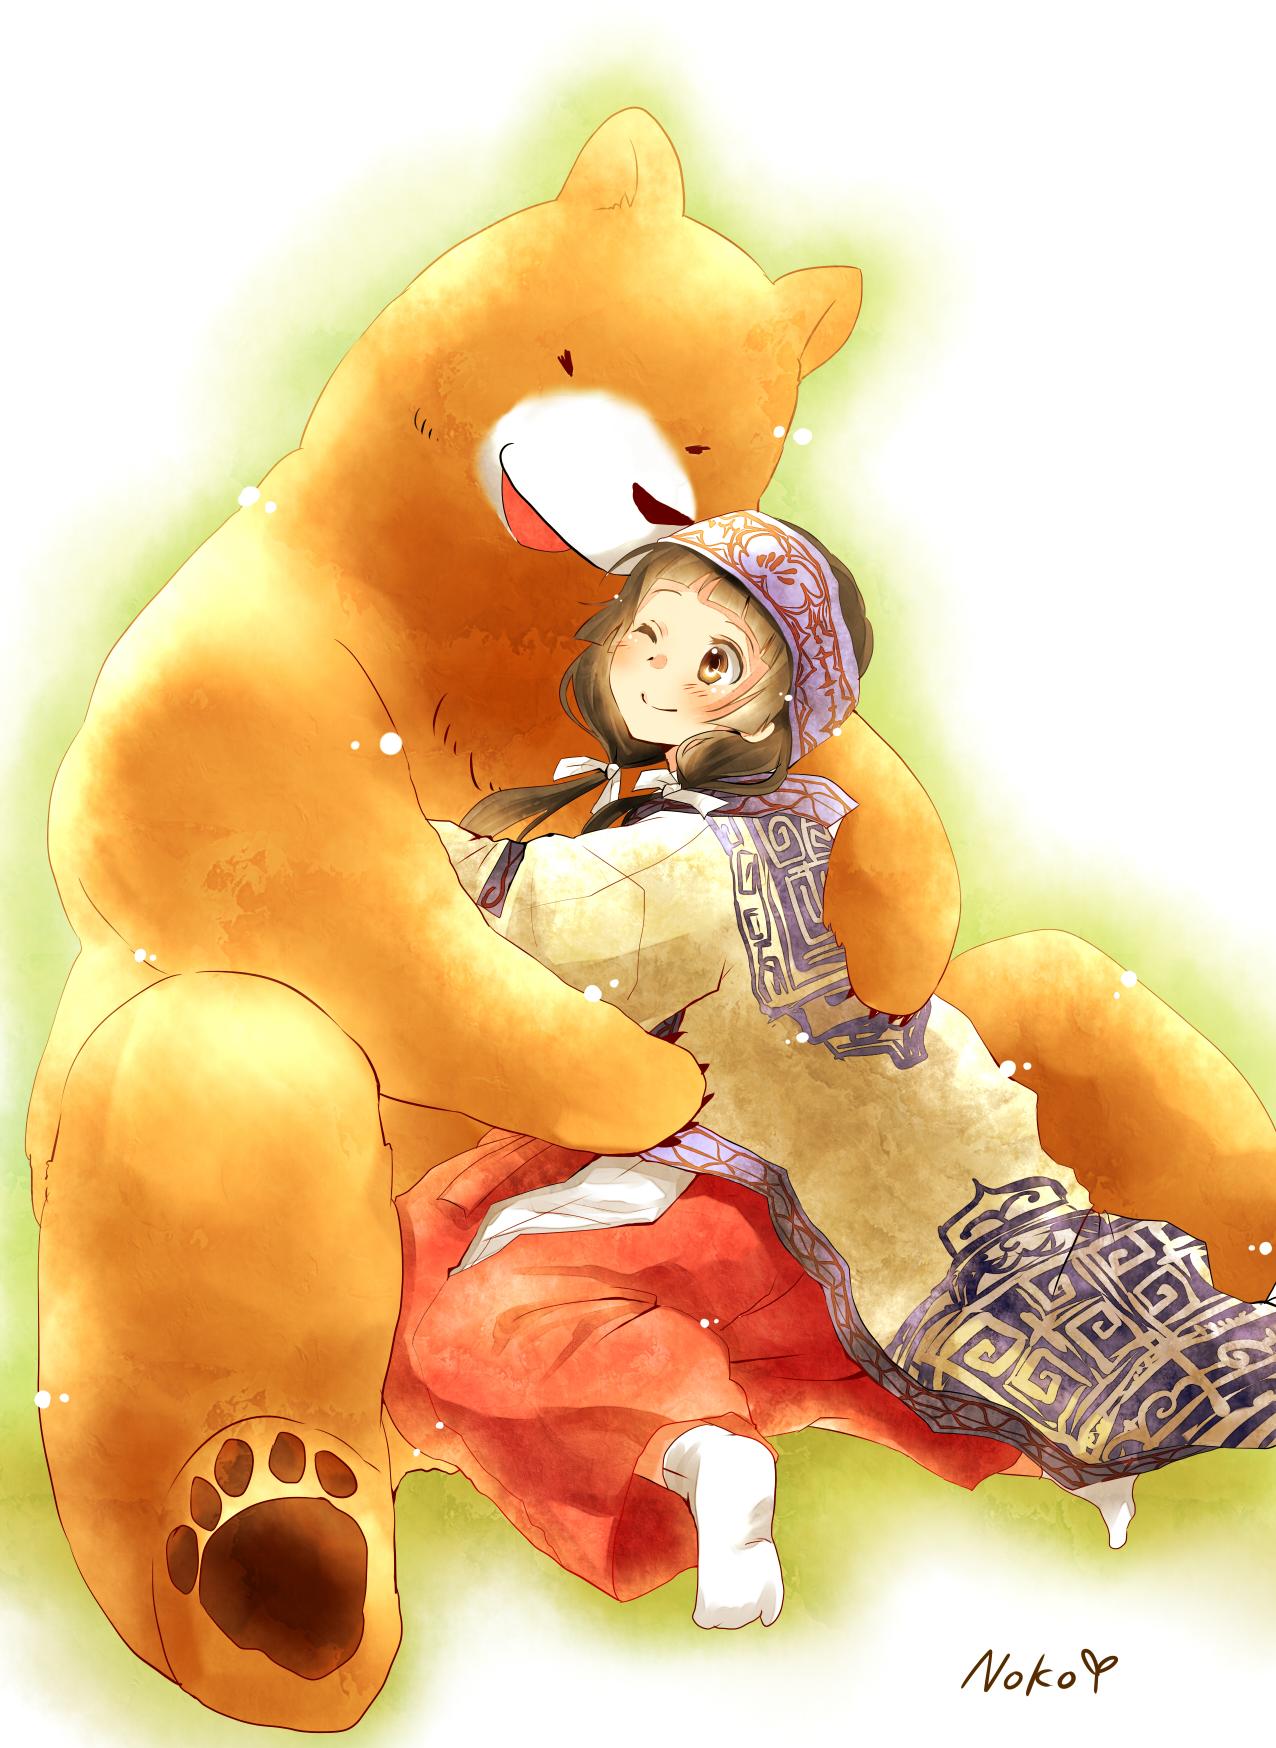 Fansub Review: [Chyuu] Kuma Miko – Girl Meets Bear (Episode 02)